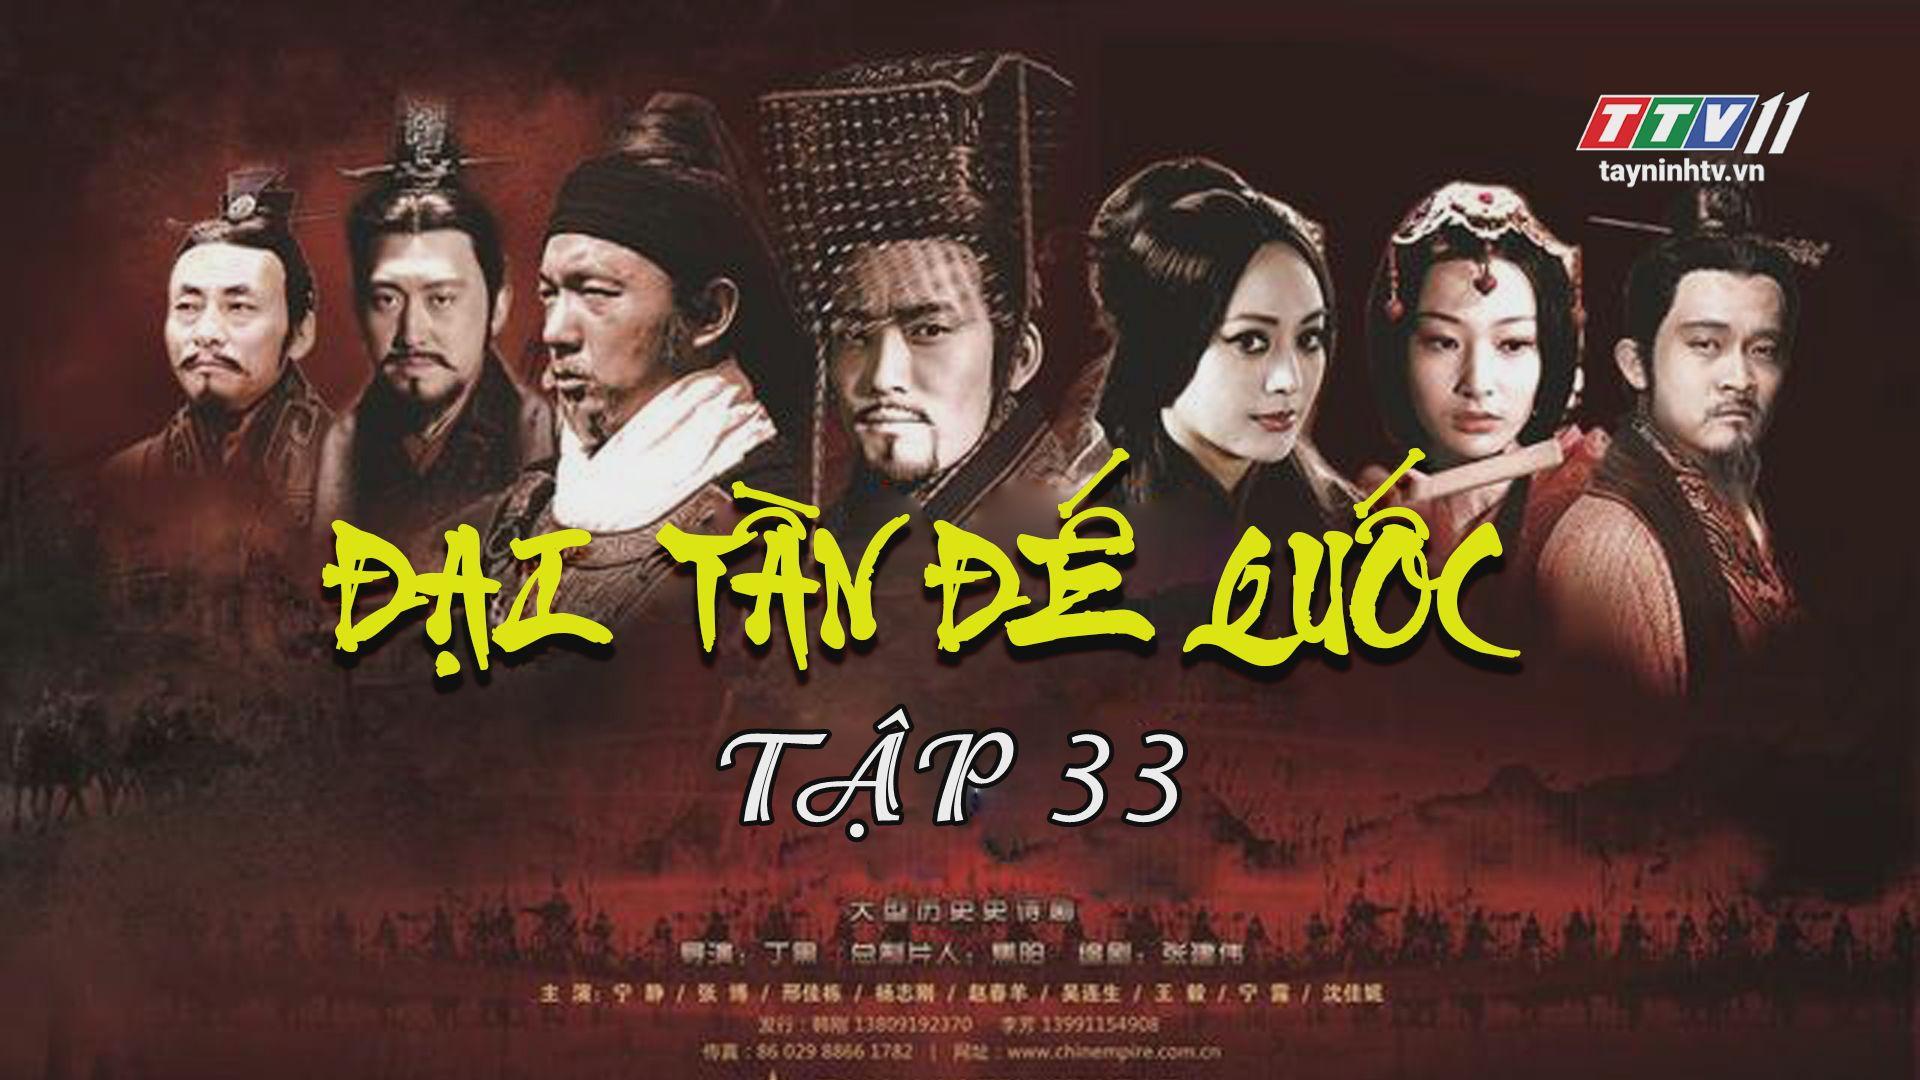 Tập 35 | ĐẠI TẦN ĐẾ QUỐC - Phần 3 - Quật khởi | TayNinhTV